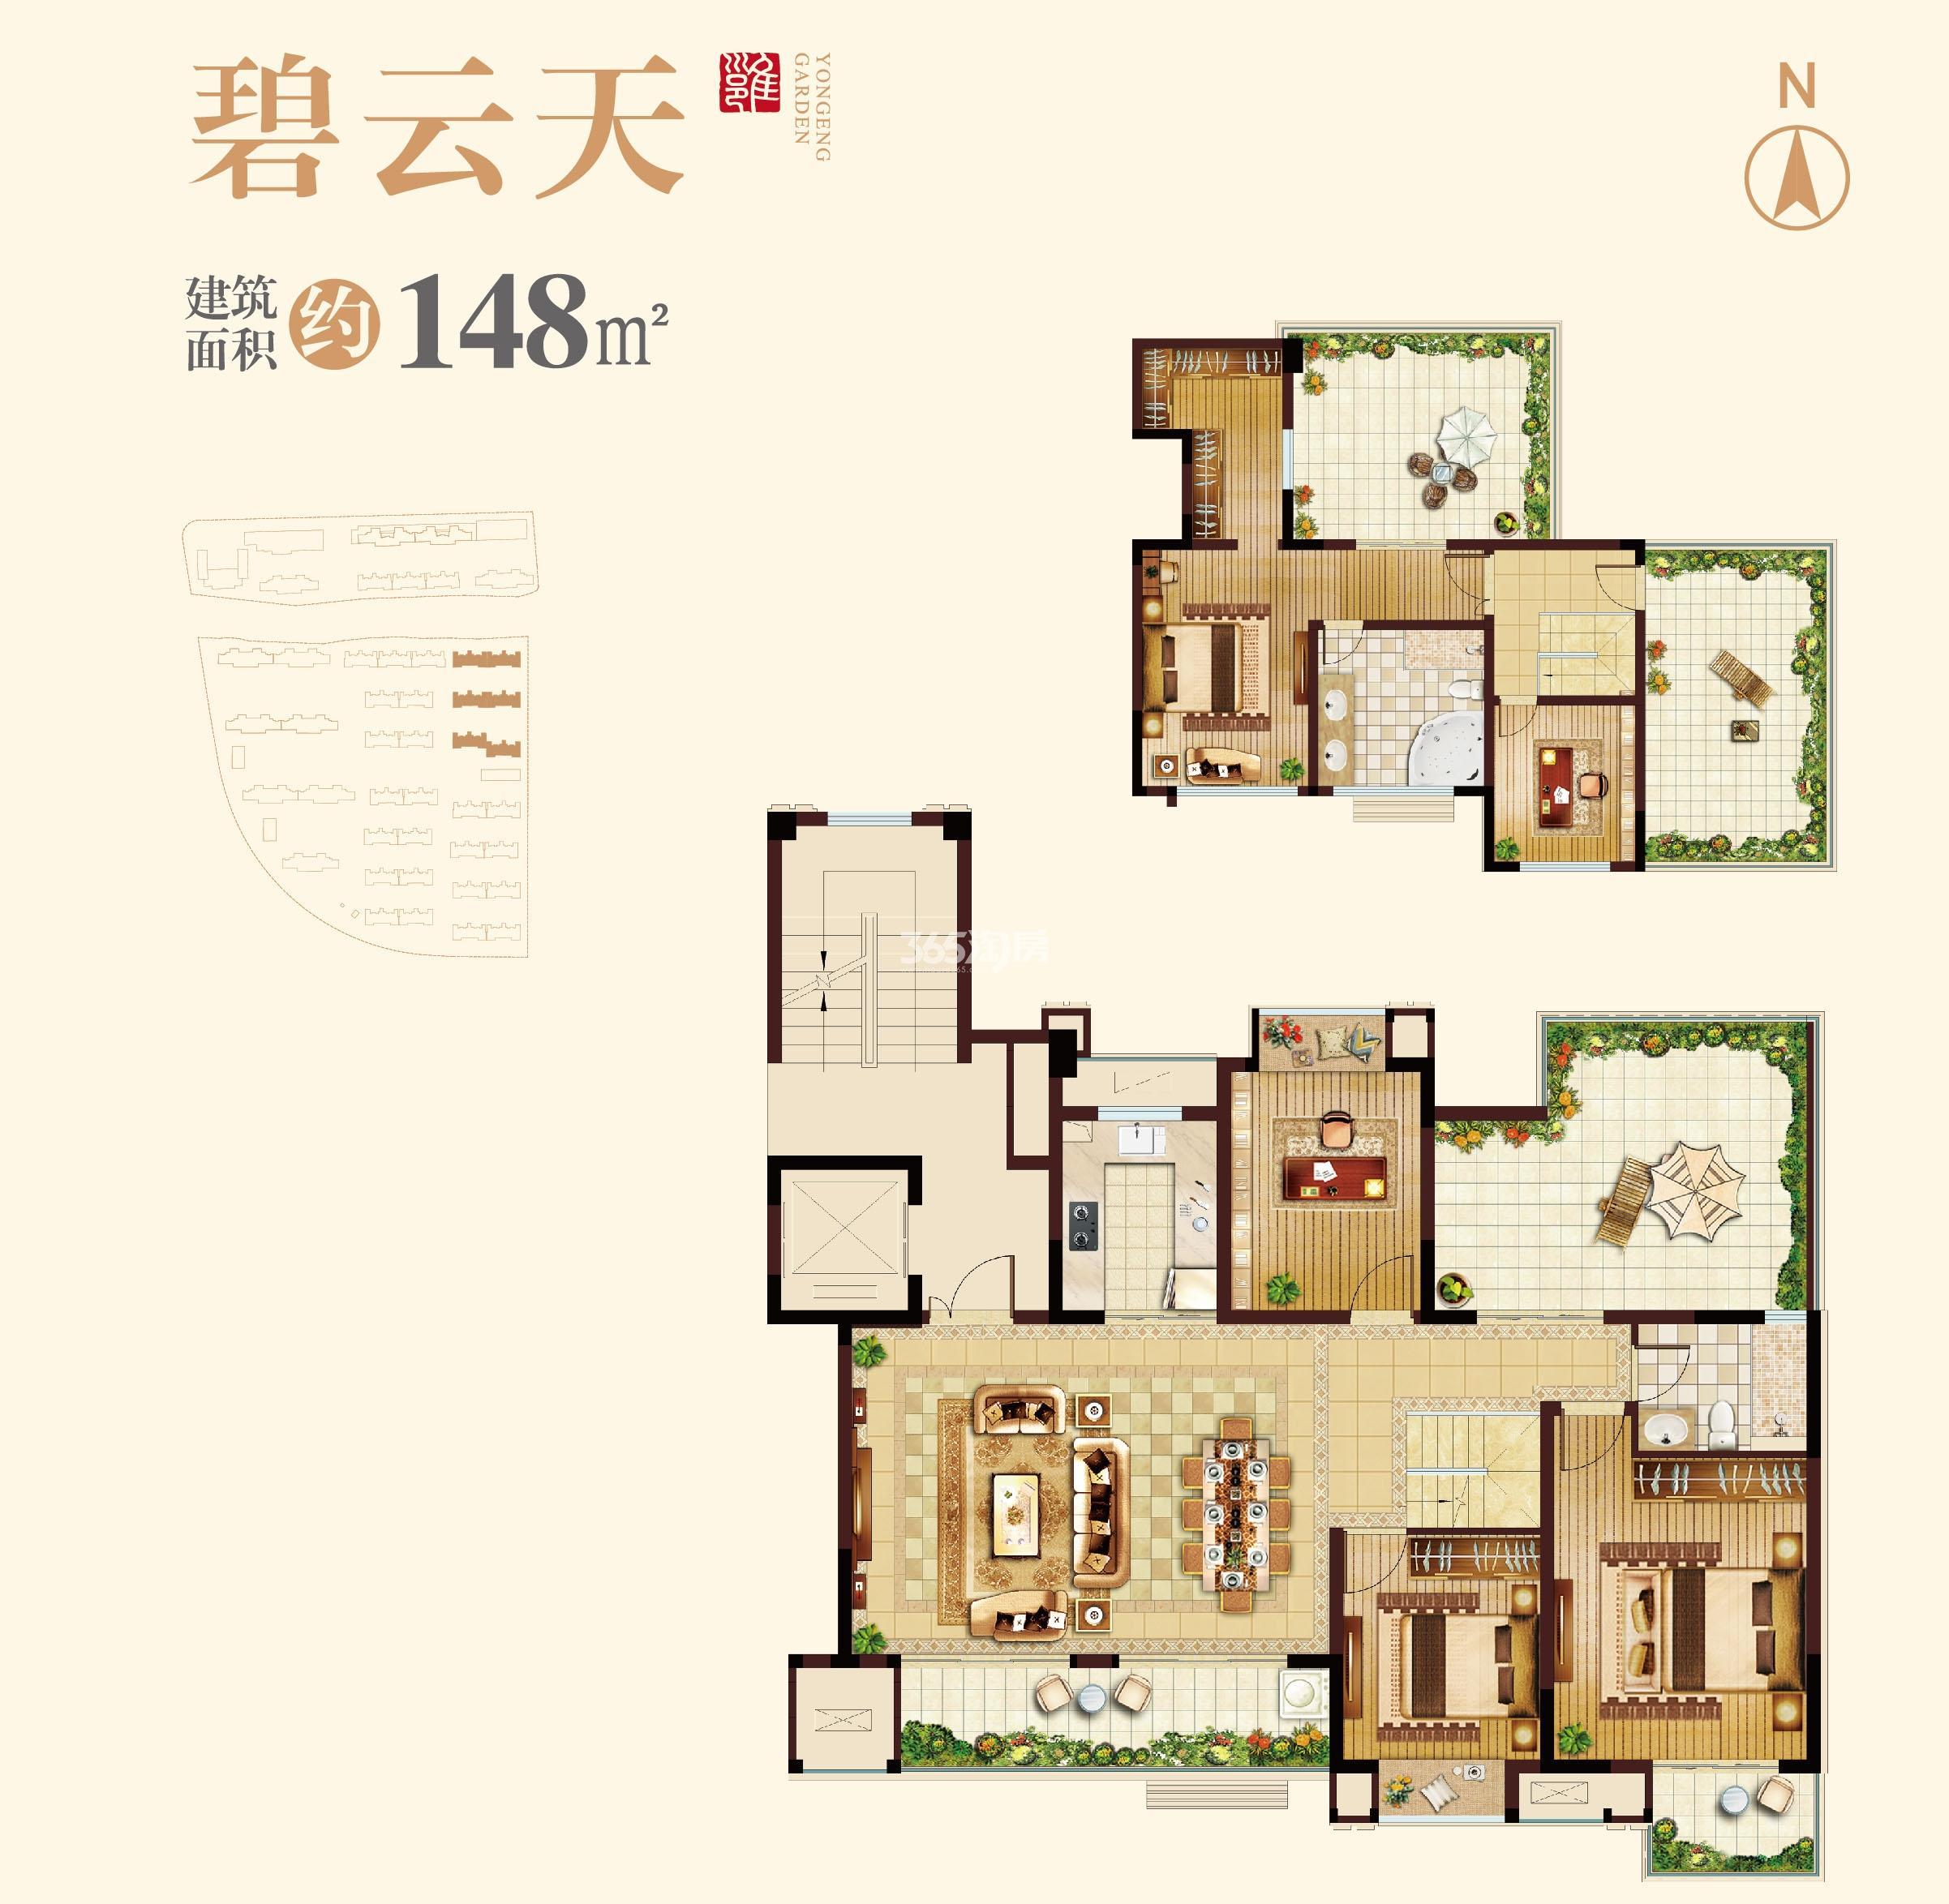 蓝光雍锦里148平洋房户型图(带地下室)